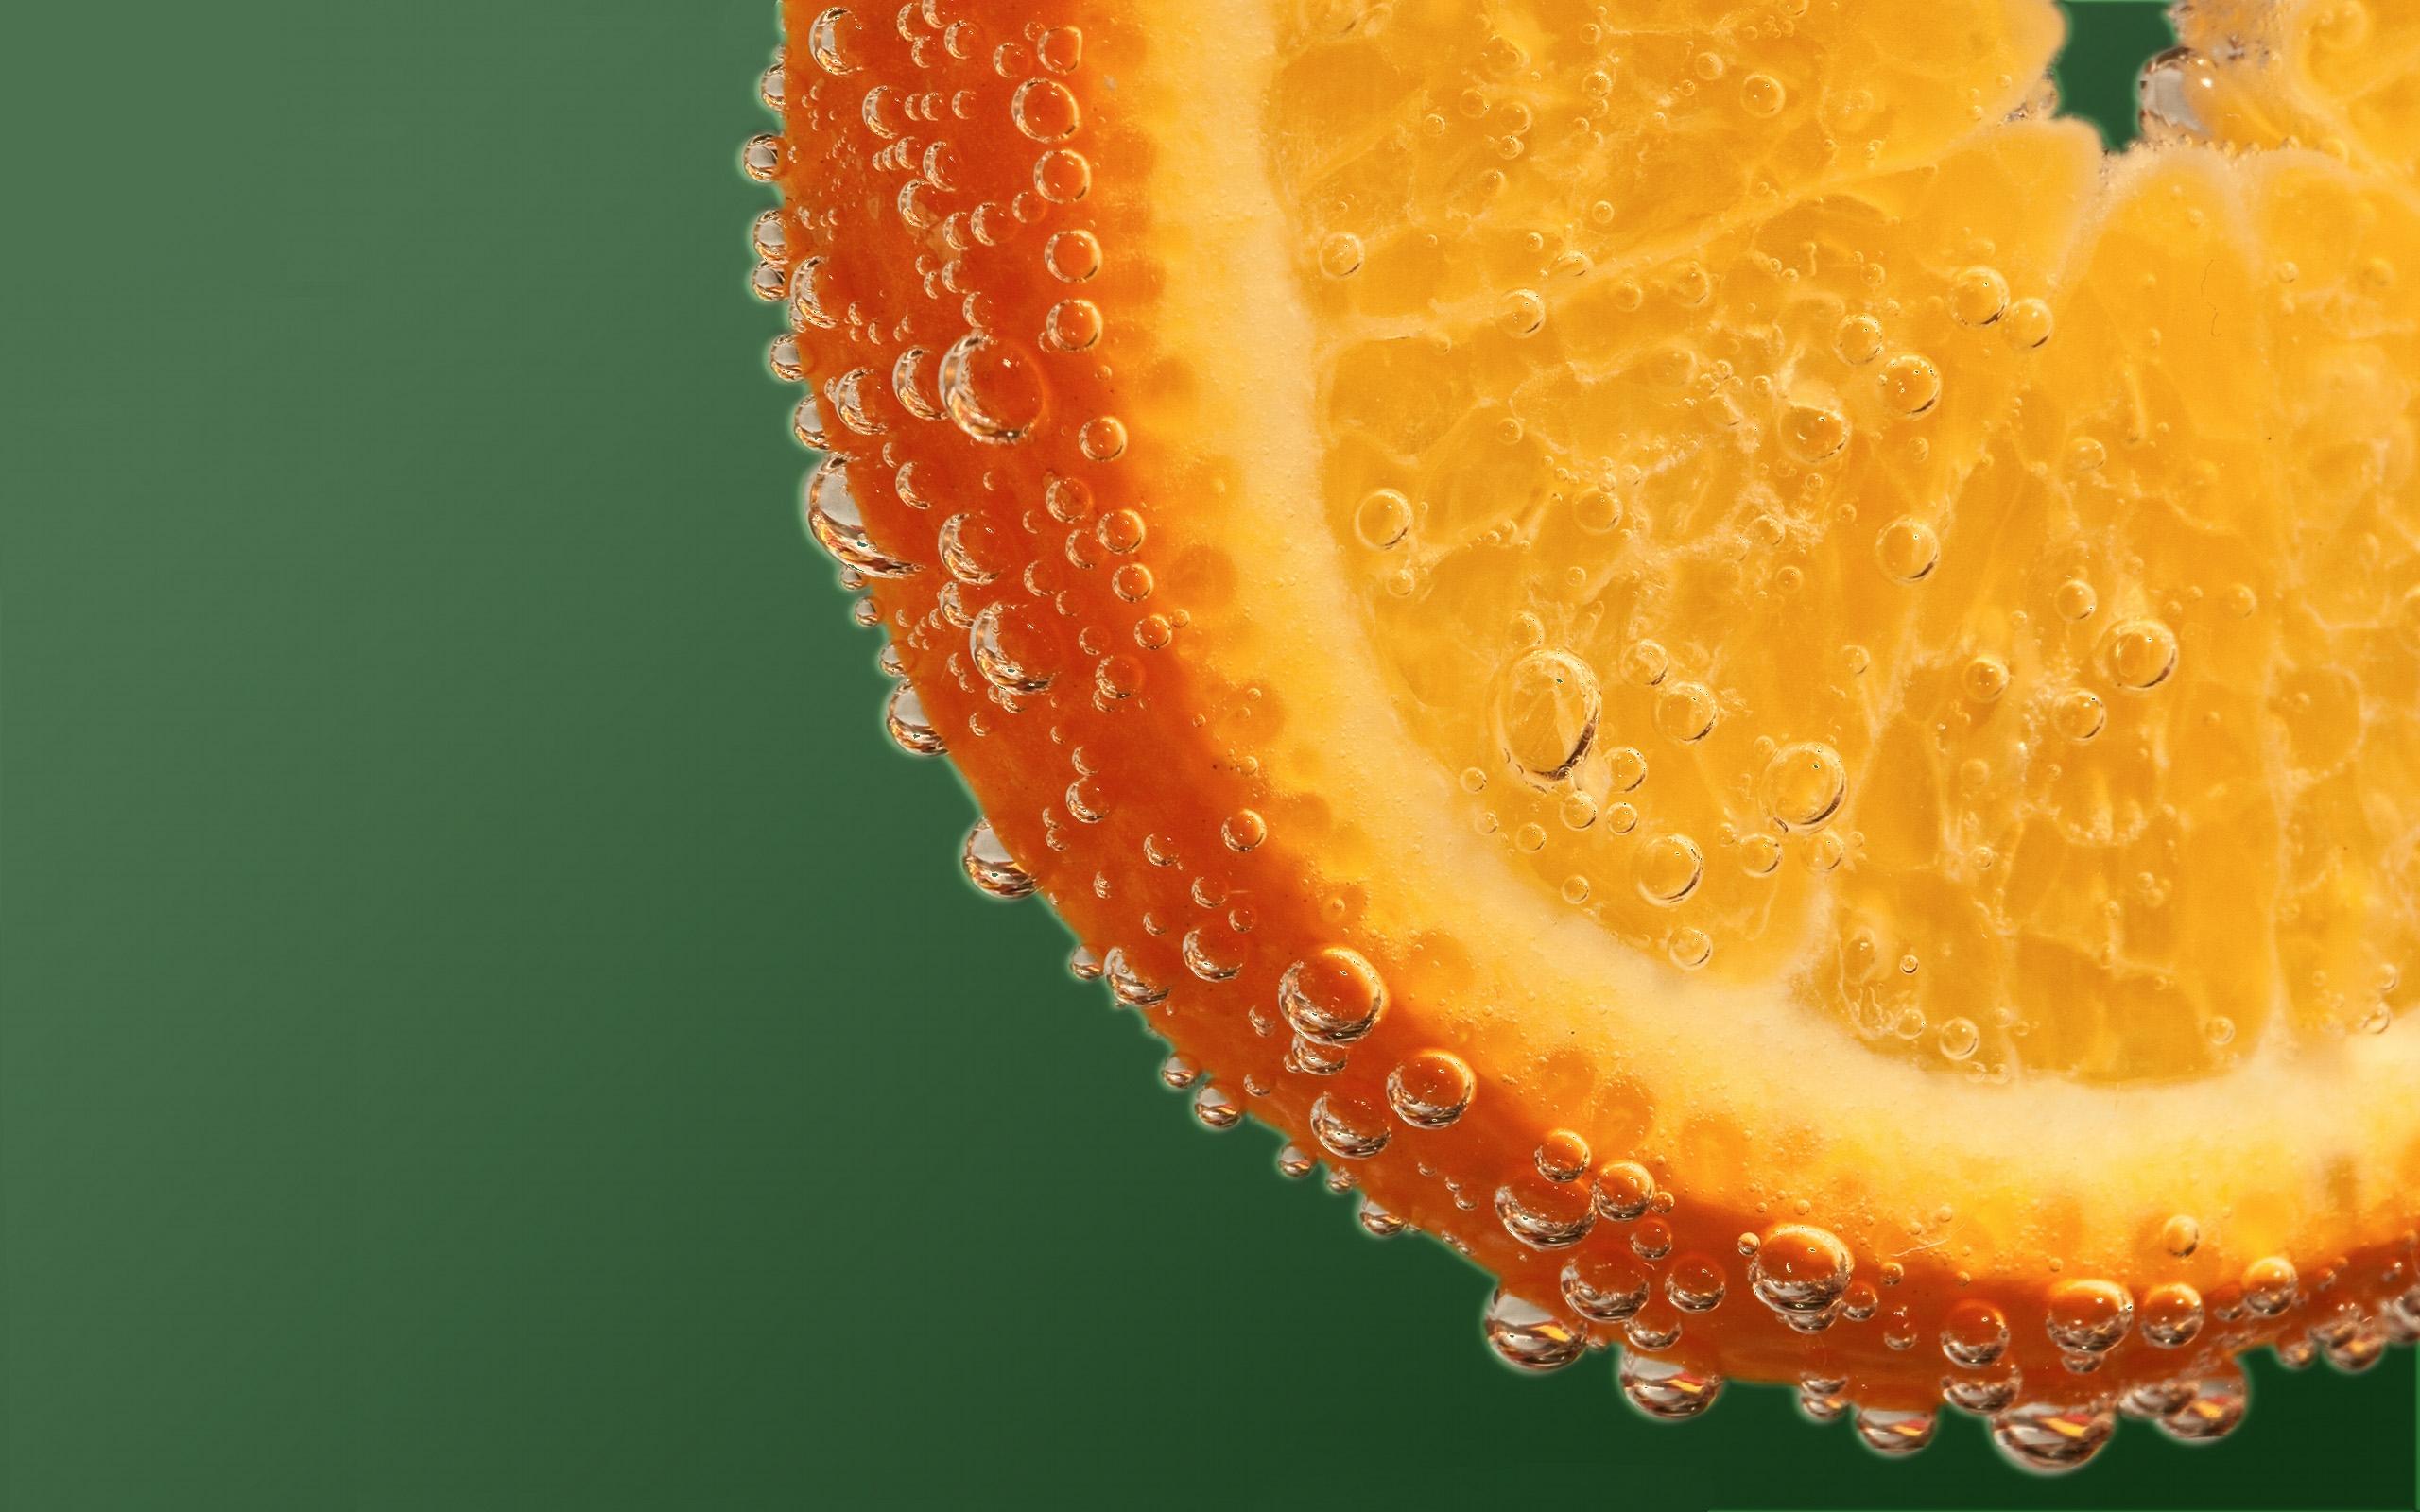 что, красивые картинки на рабочий стол апельсин надо